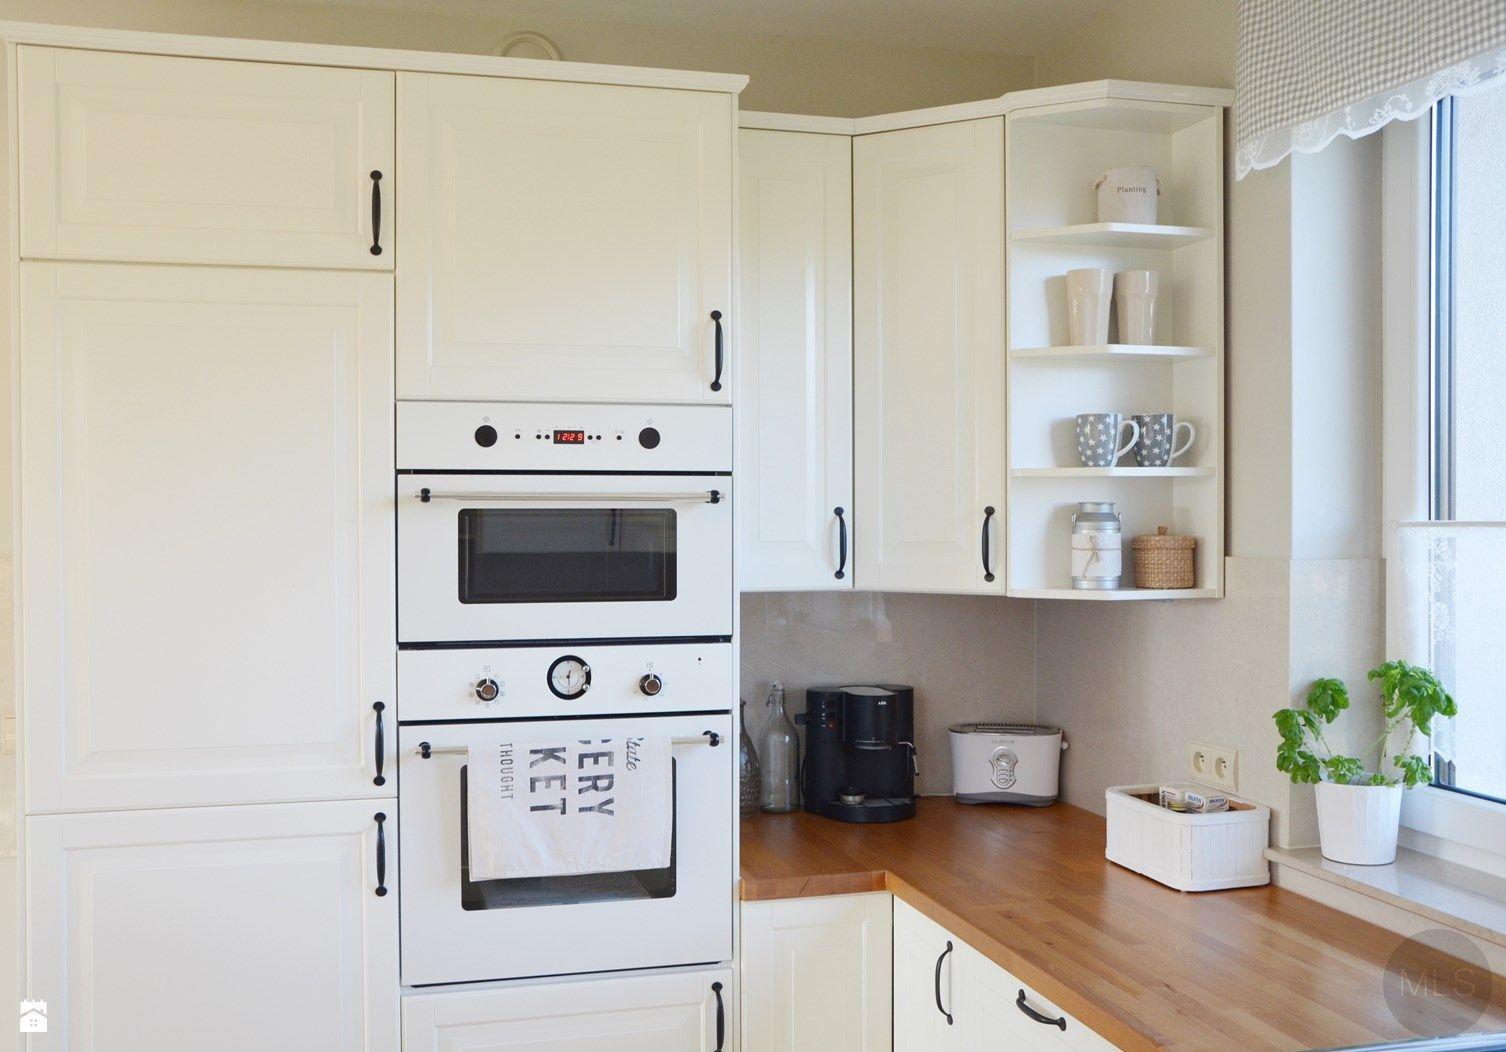 bia a kuchnia z drewnianym blatem zdj cie od kuchnia styl skandynawski. Black Bedroom Furniture Sets. Home Design Ideas